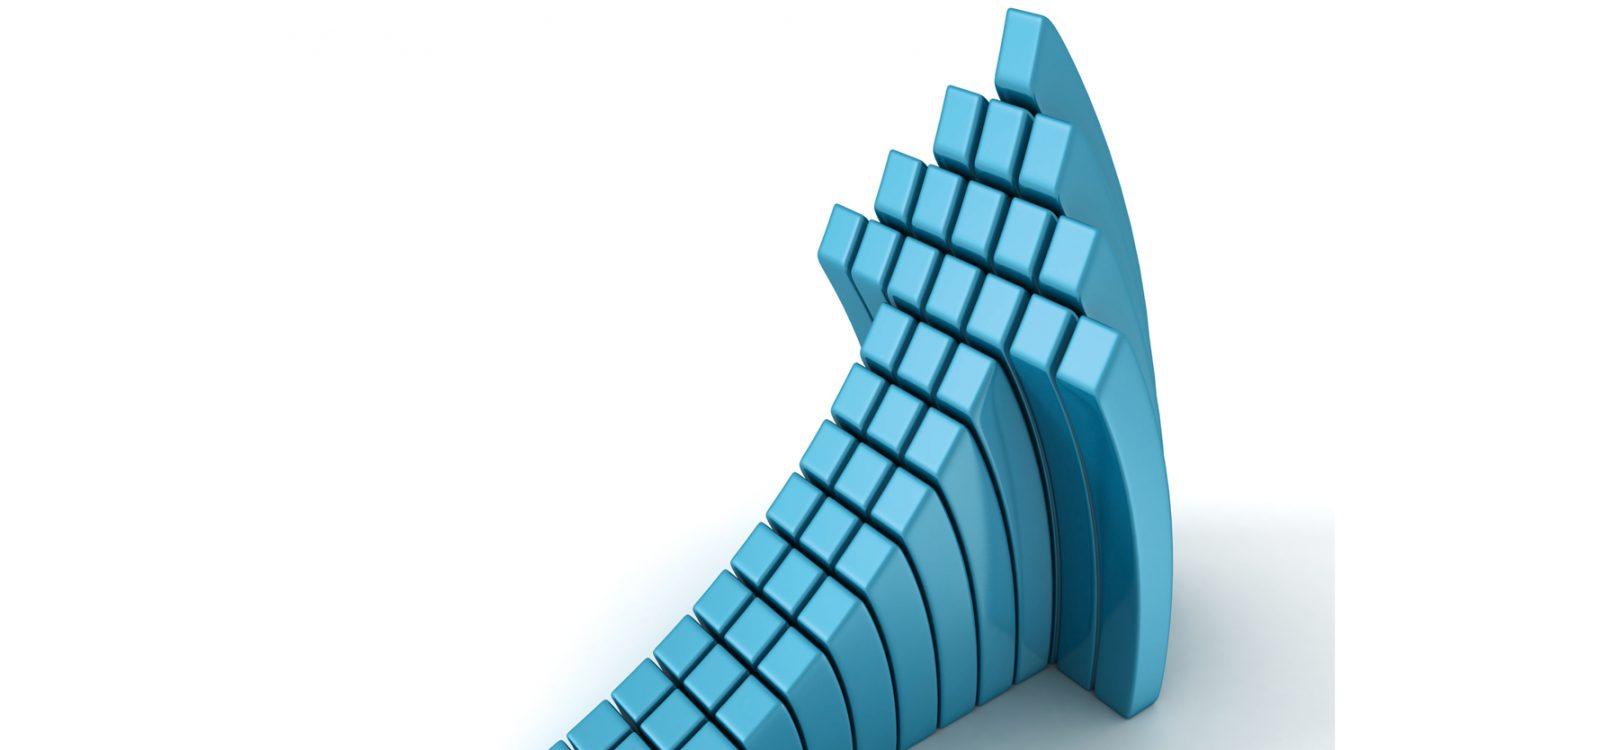 Enterprise Risk Management Seminar – Capturing the Upside